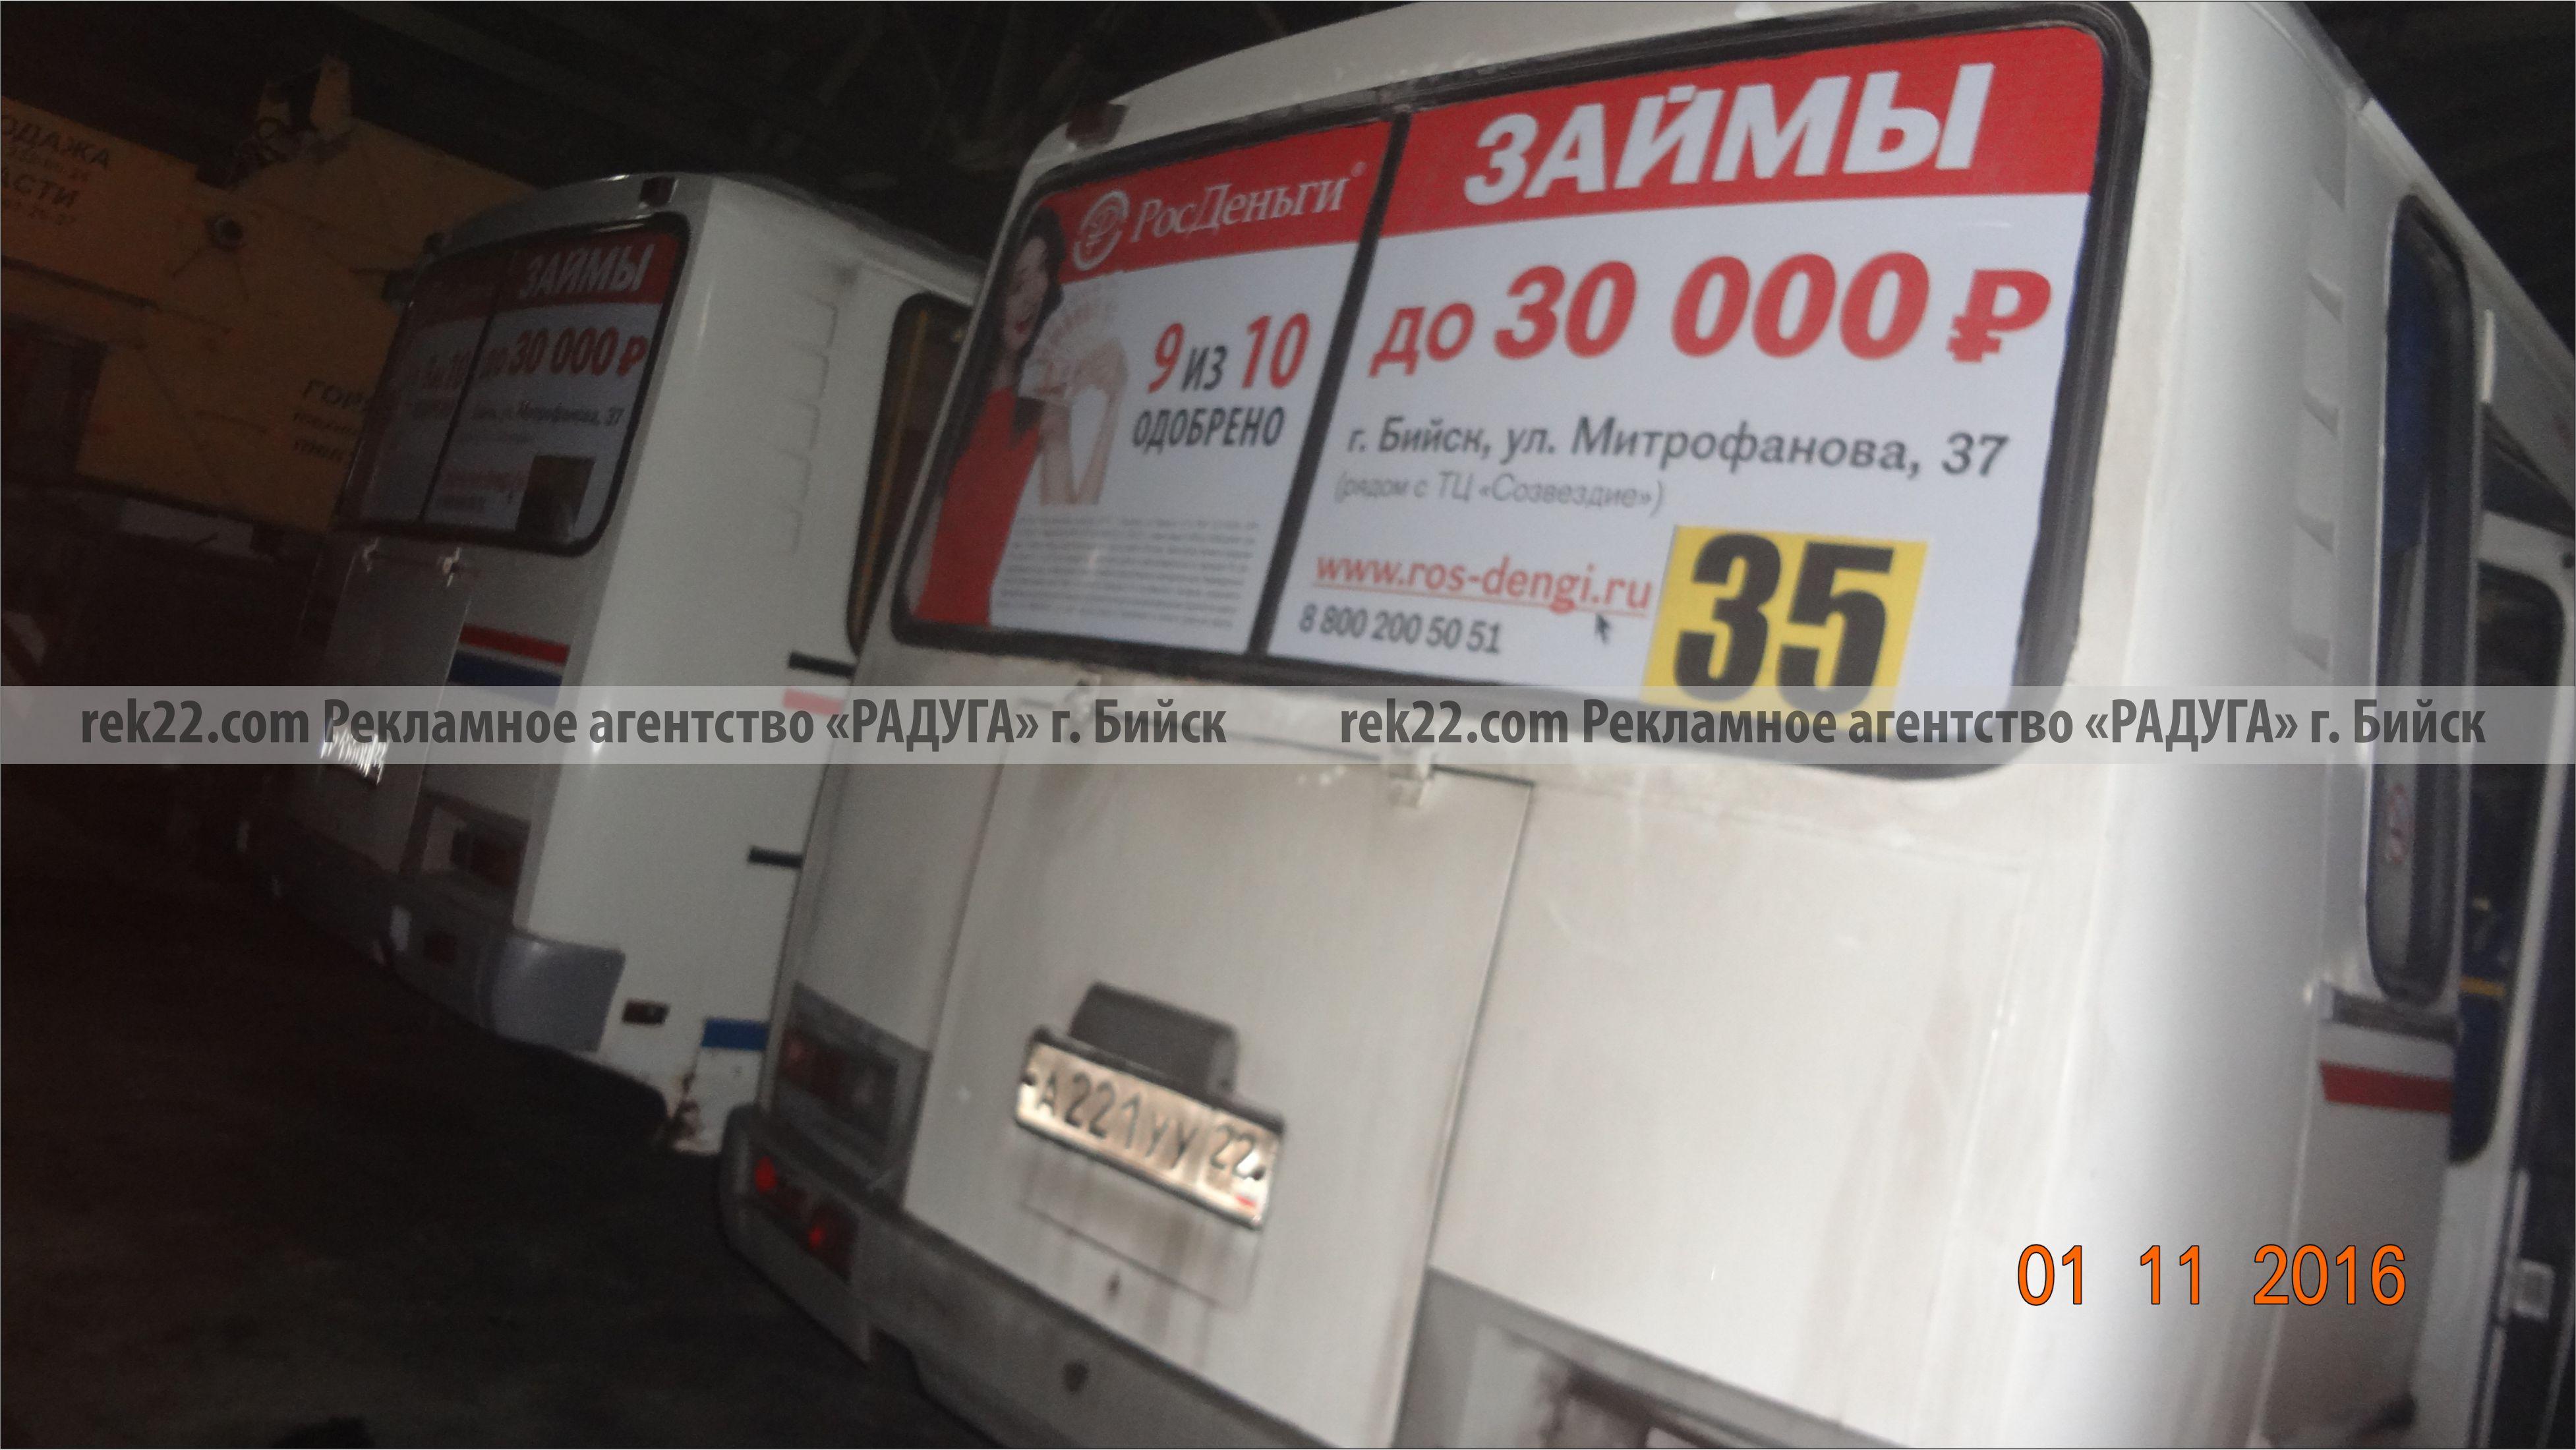 Реклама на транспорте Бийск - бортах, задних стеклах - 2.1